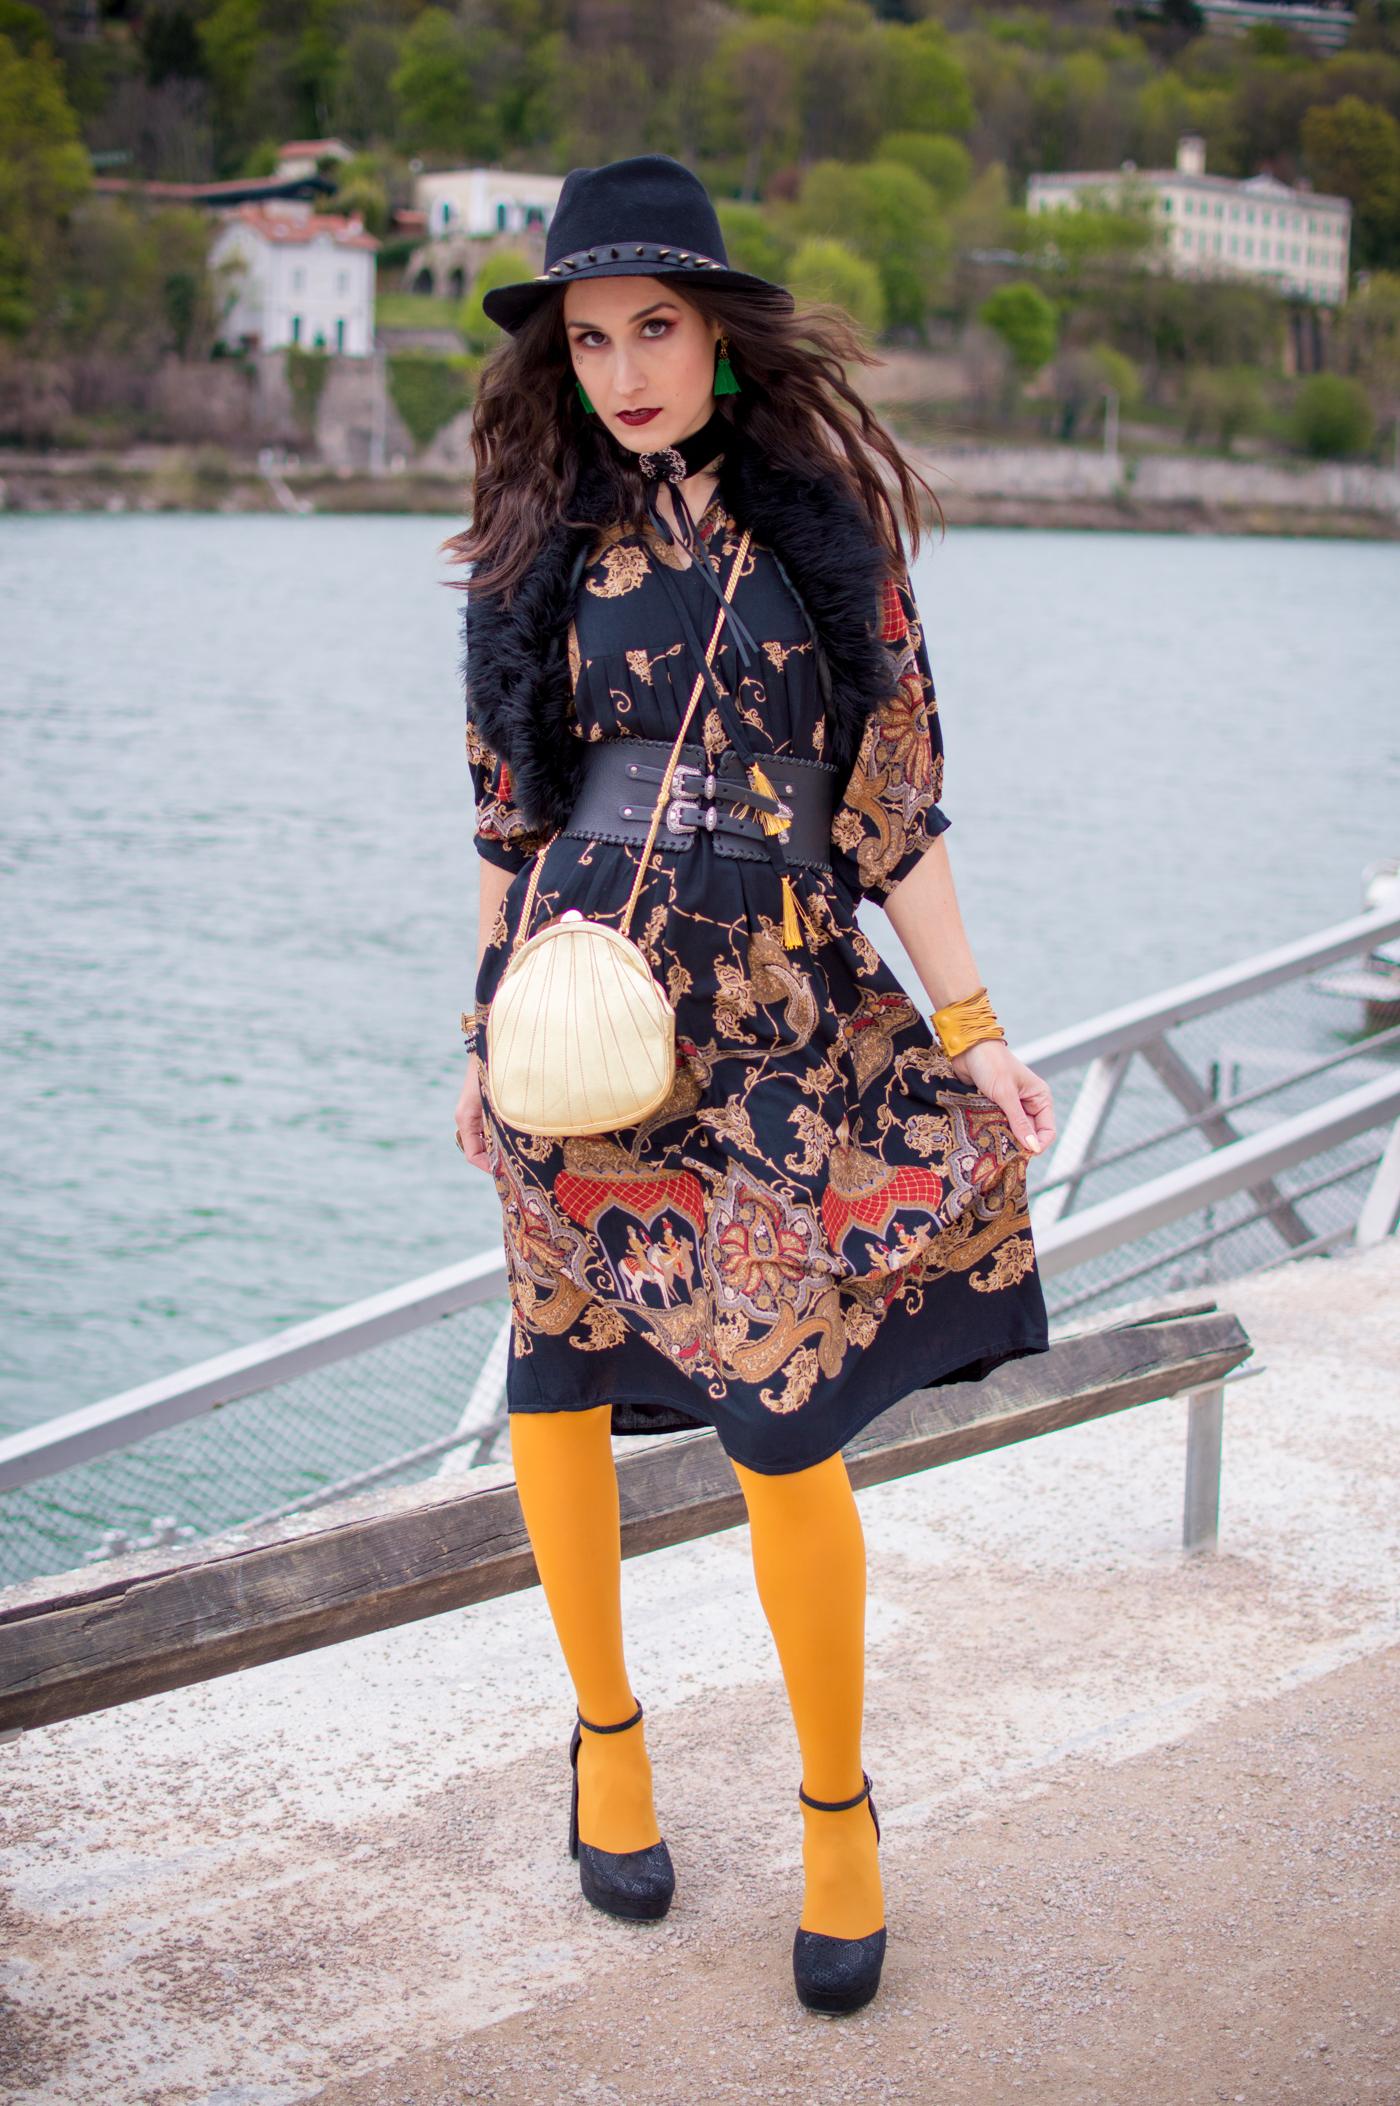 marché de la mode vintage lyon